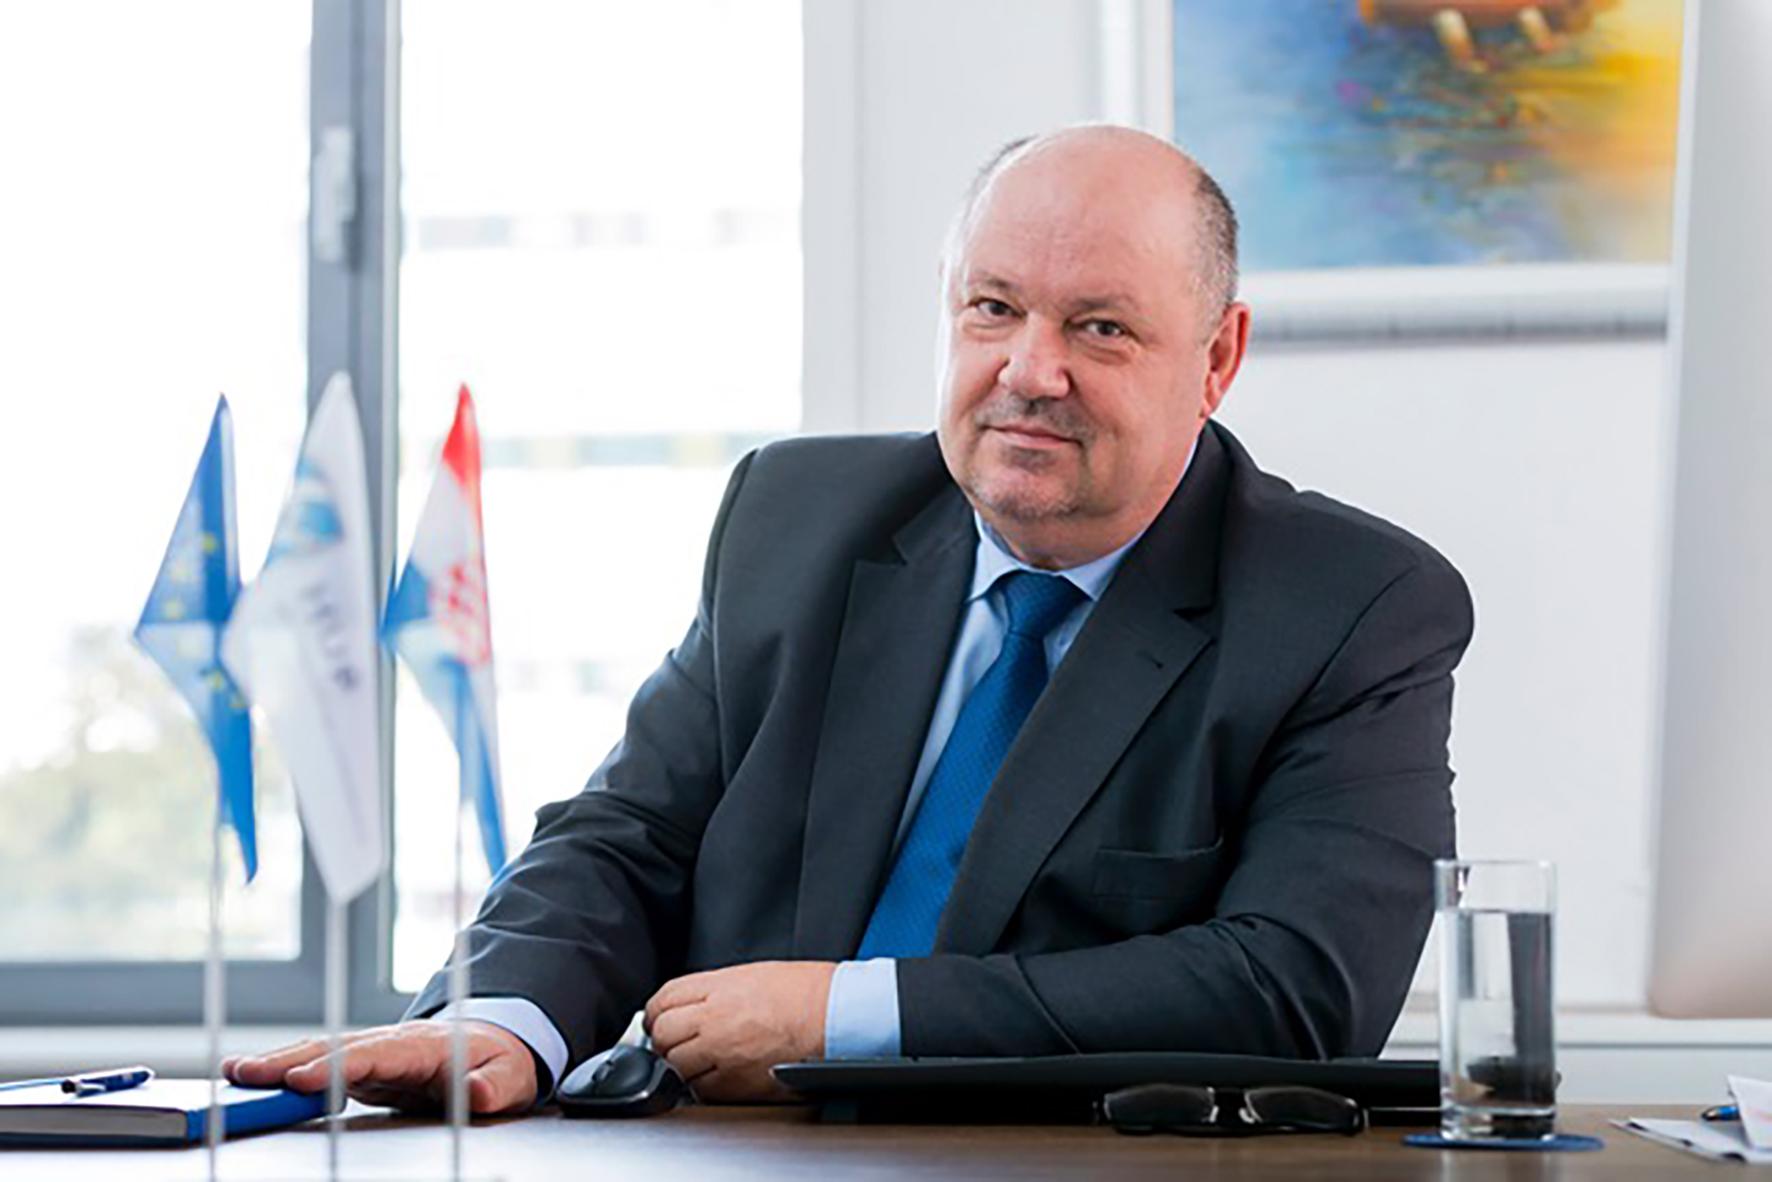 Damir Zorić, General Director, Hrvatska udruga poslodavaca 1 - hrpsor Hrvatski poslovni savjet za održivi razvoj